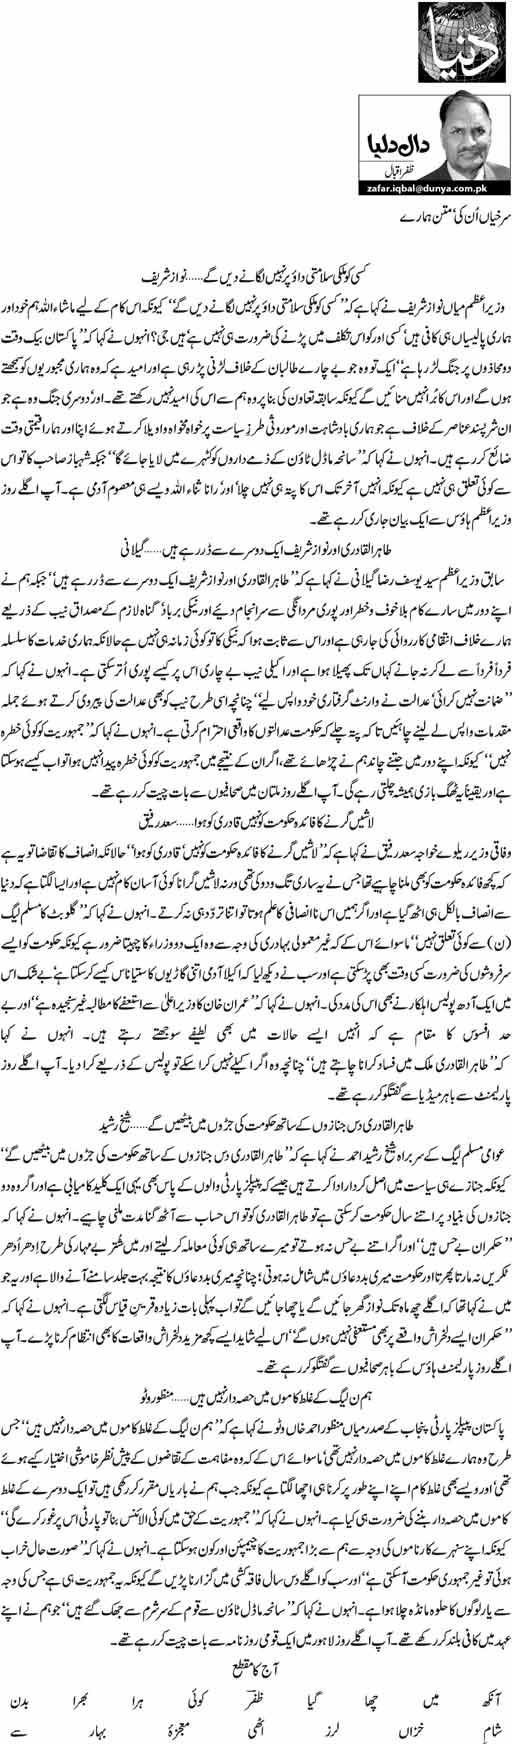 Print Media Coverage Daily Dunya - Zafar Iqbal